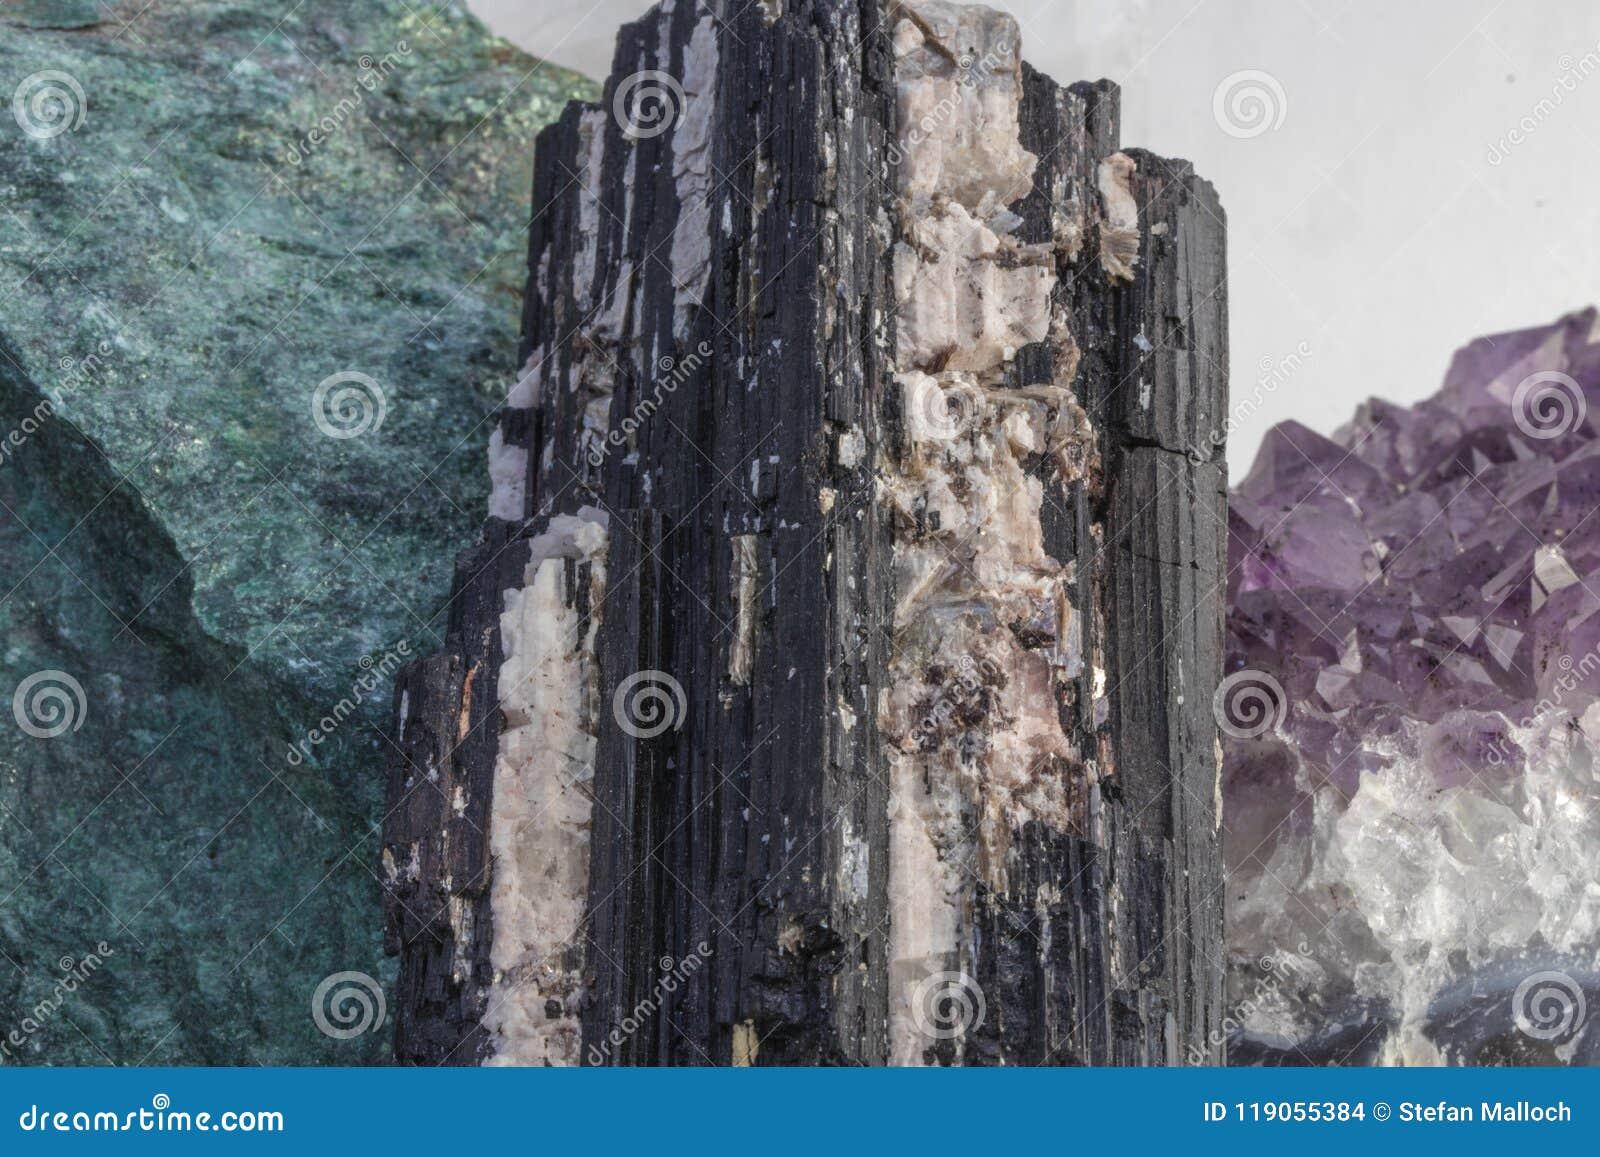 Several Beautiful Healing Crystals Close Up